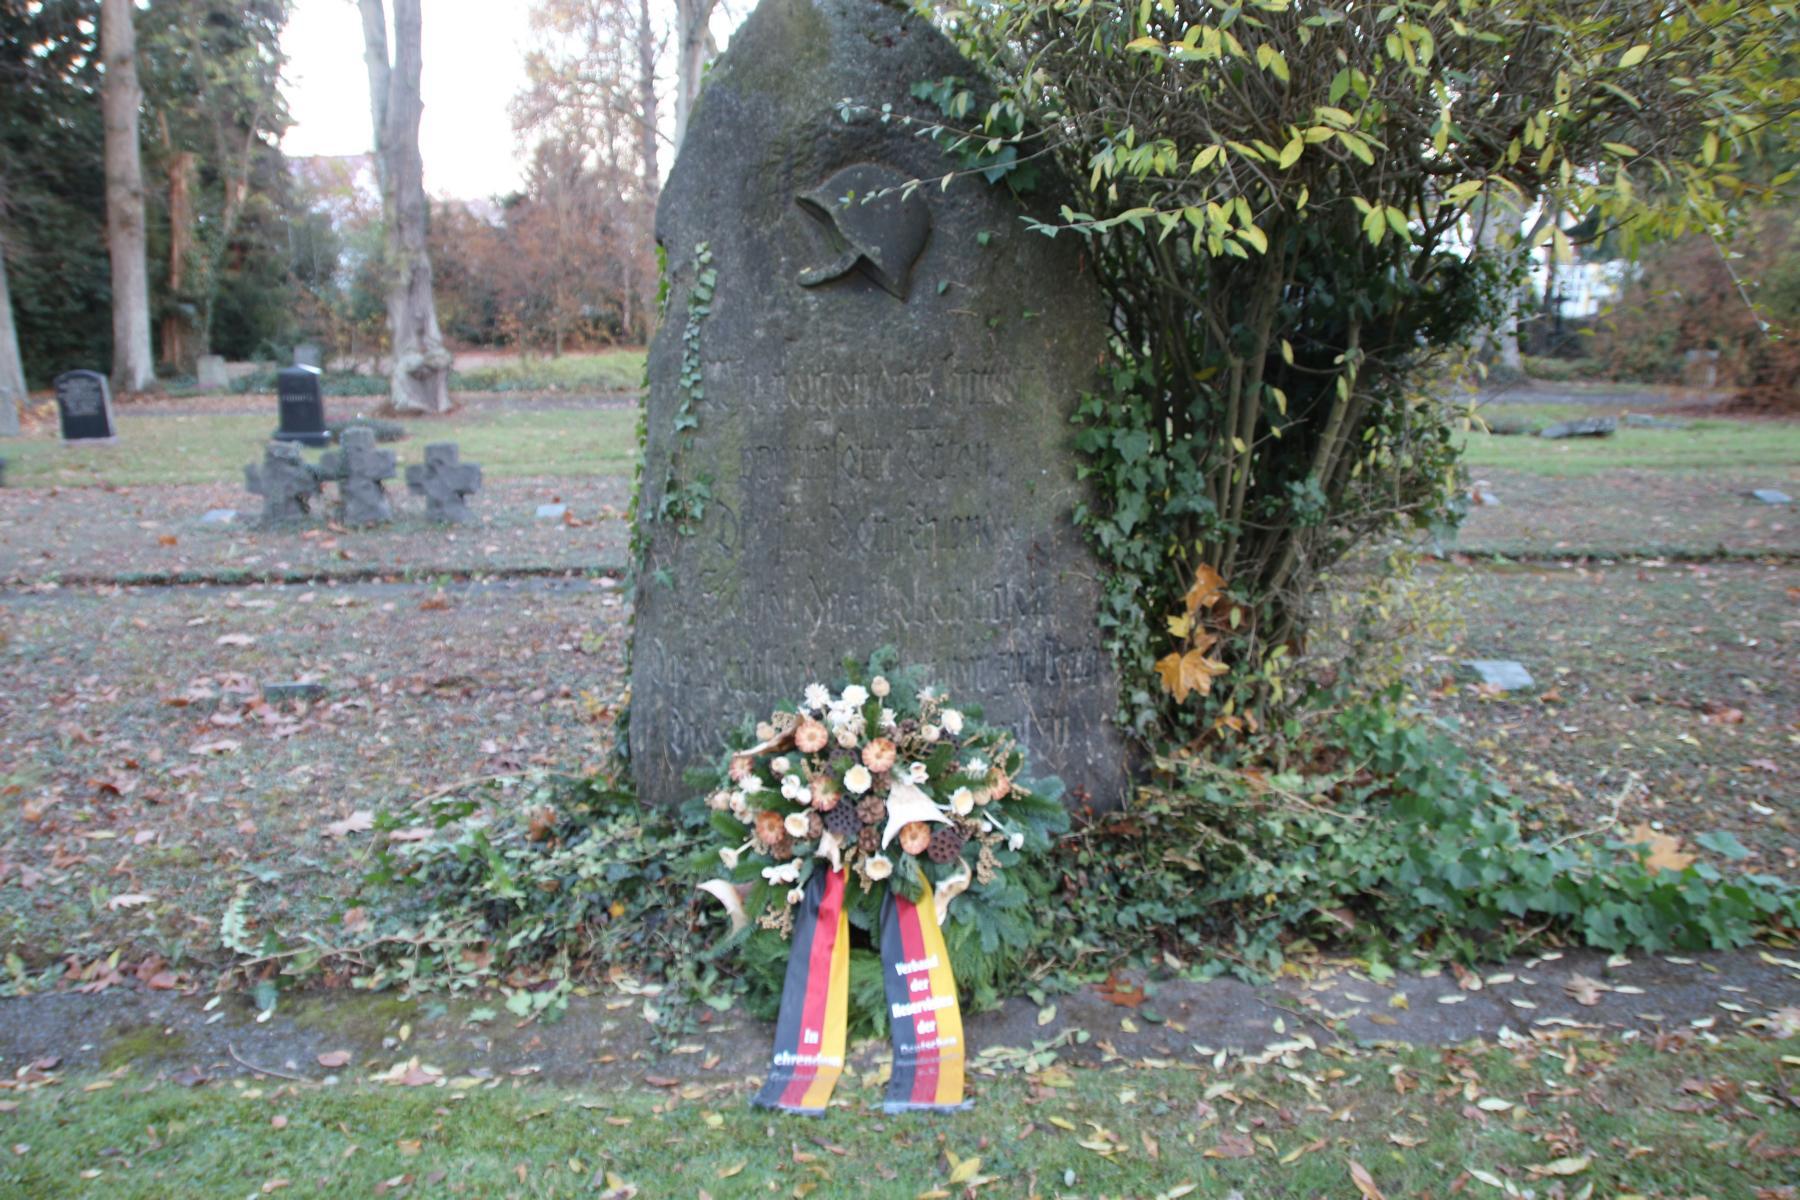 Anlässlich 100 Jahre Ende Erster Weltkrieg: Kranzniederlegung auf dem Militärfriedhof in KASSEL